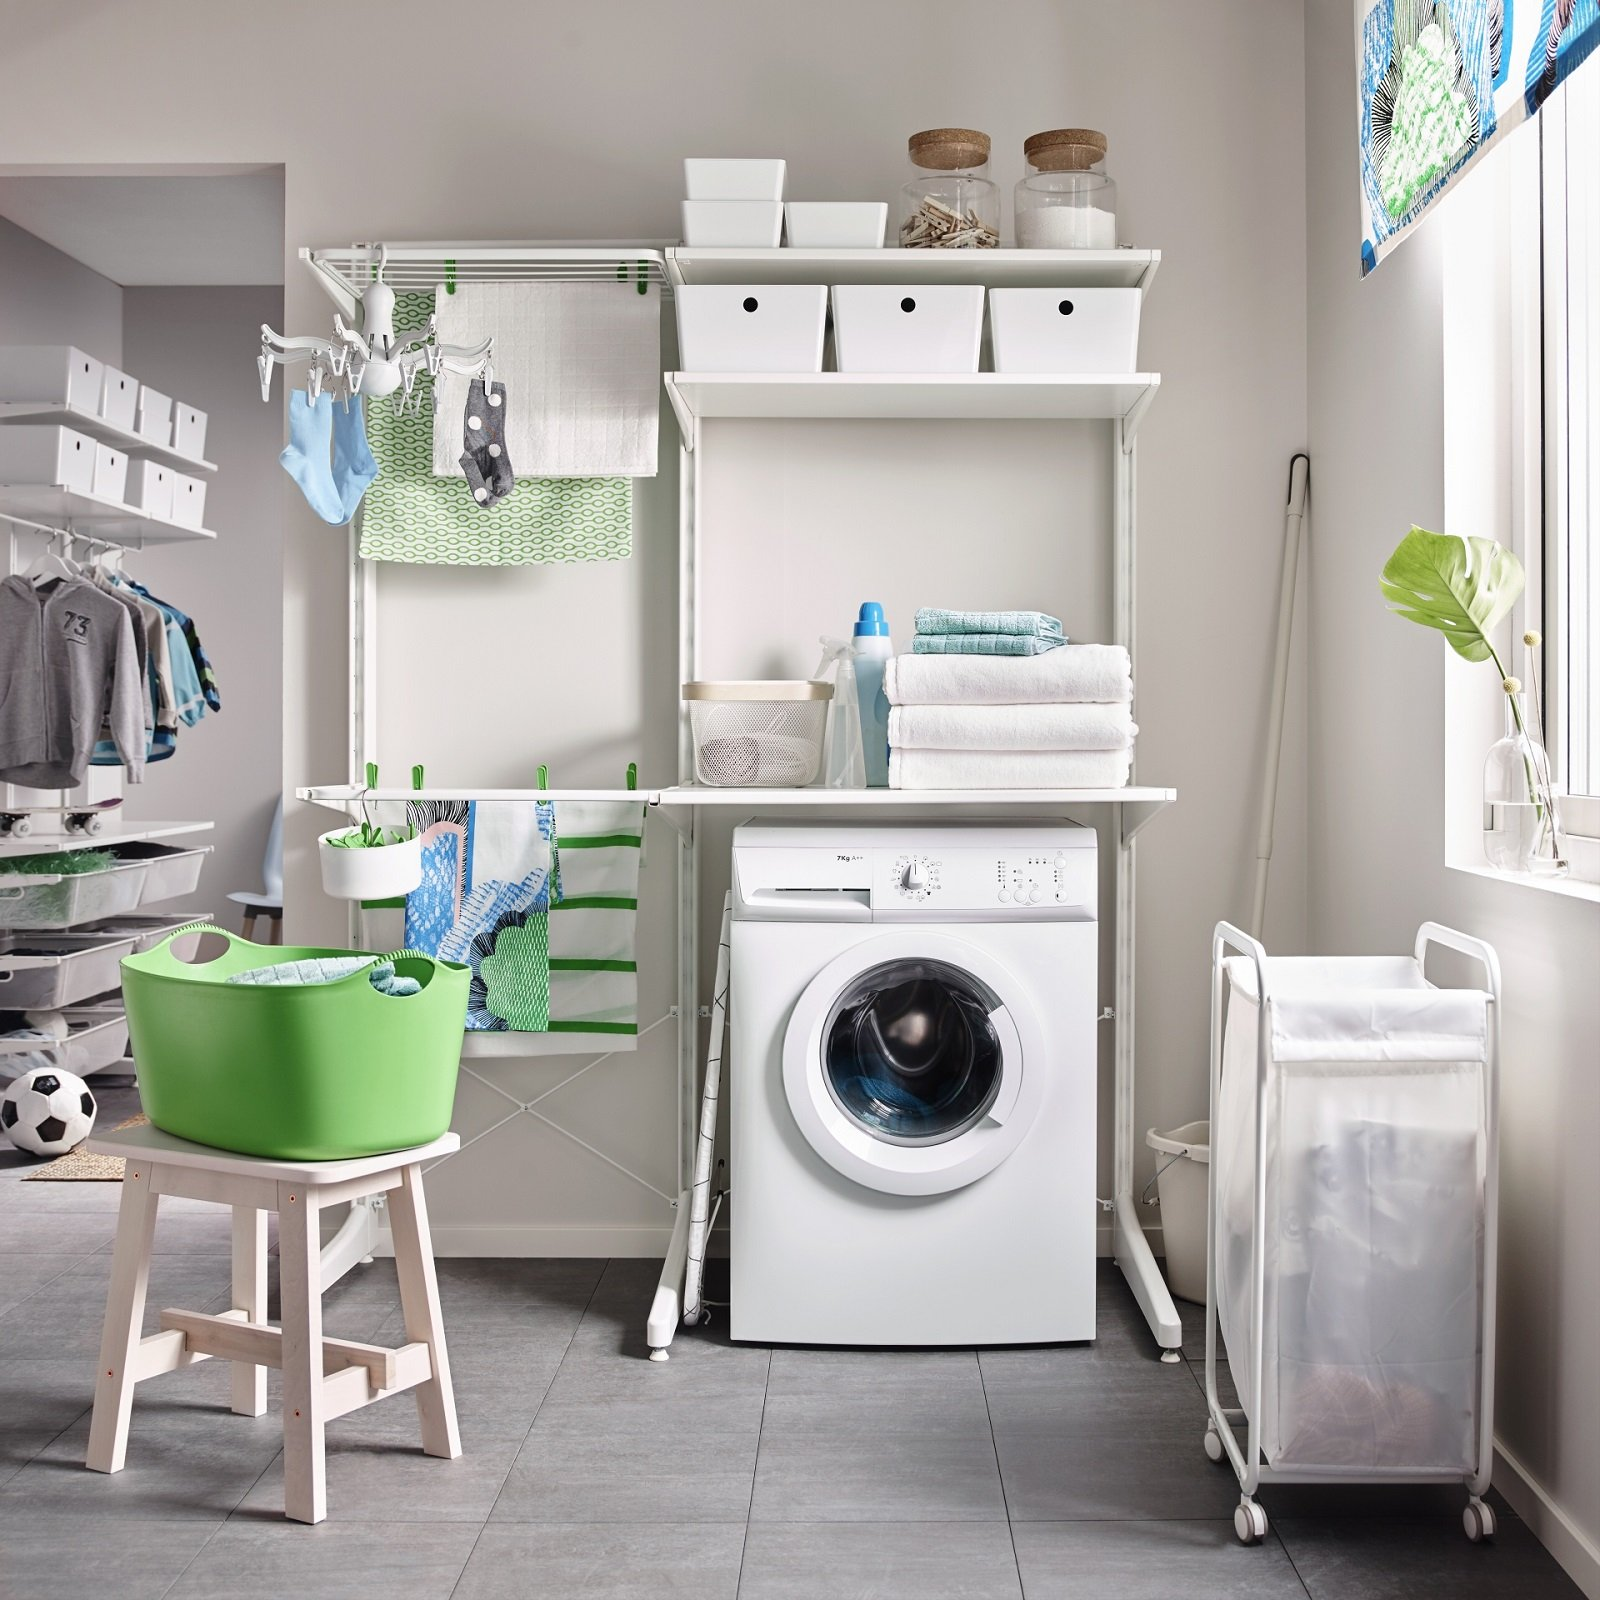 Lavanderia in un mobile o in una stanza separata cose - Ikea mobile lavanderia ...